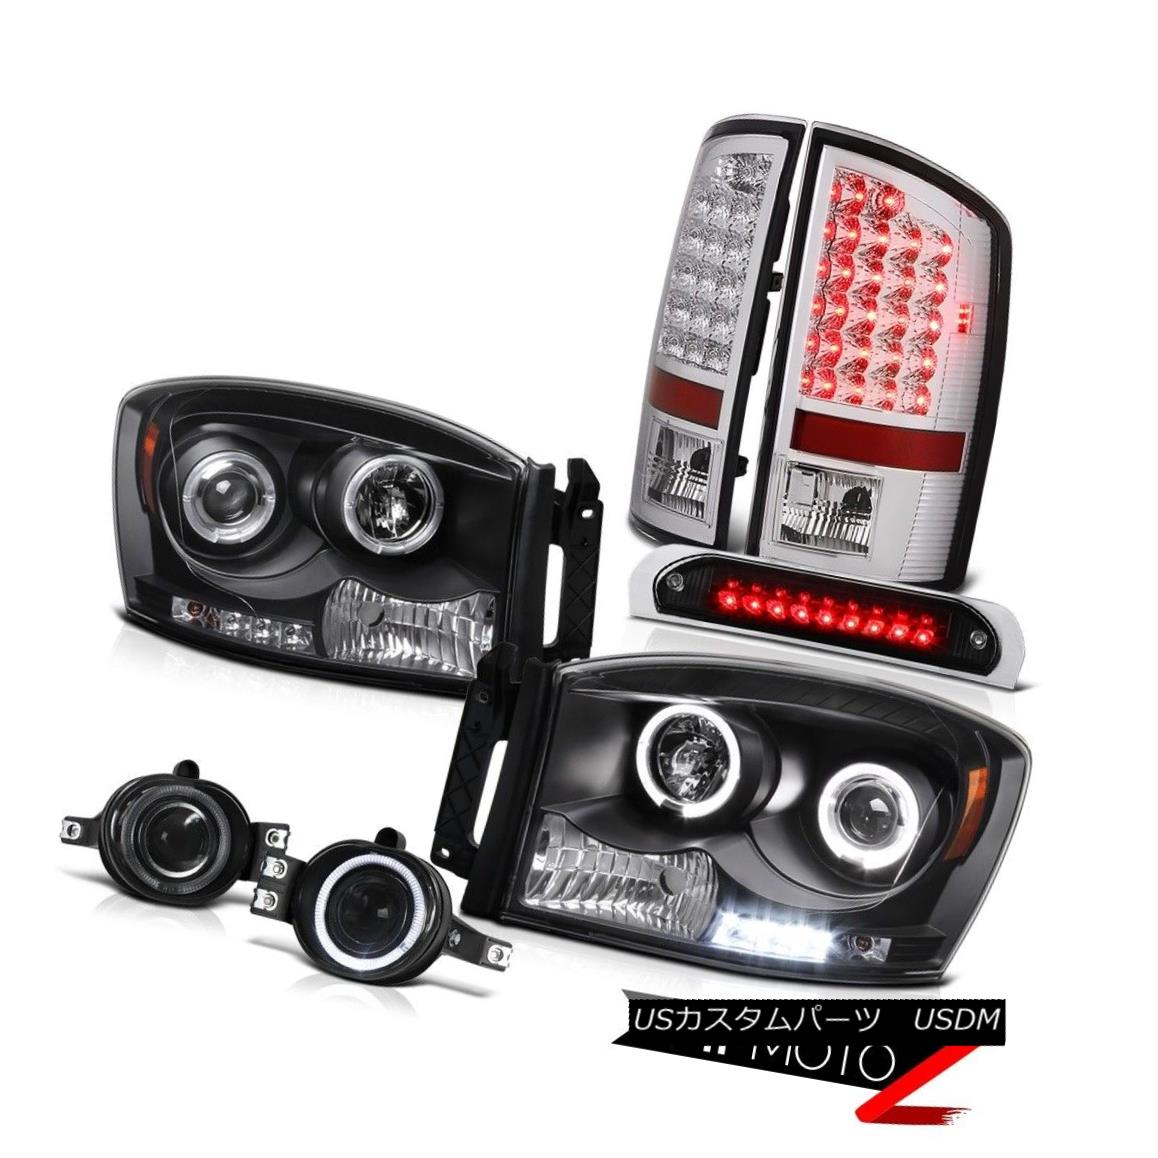 大特価!! テールライト LED Dual Halo Headlights 06 Euro LED Tail Lights Projector Dodge Fog Brake Cargo 06 Dodge Ram デュアルヘイローヘッドライトユーロLEDテールライトプロジェクターフォグブレーキカーゴ06ドッジラム, ハサキマチ:ceb583aa --- esef.localized.me